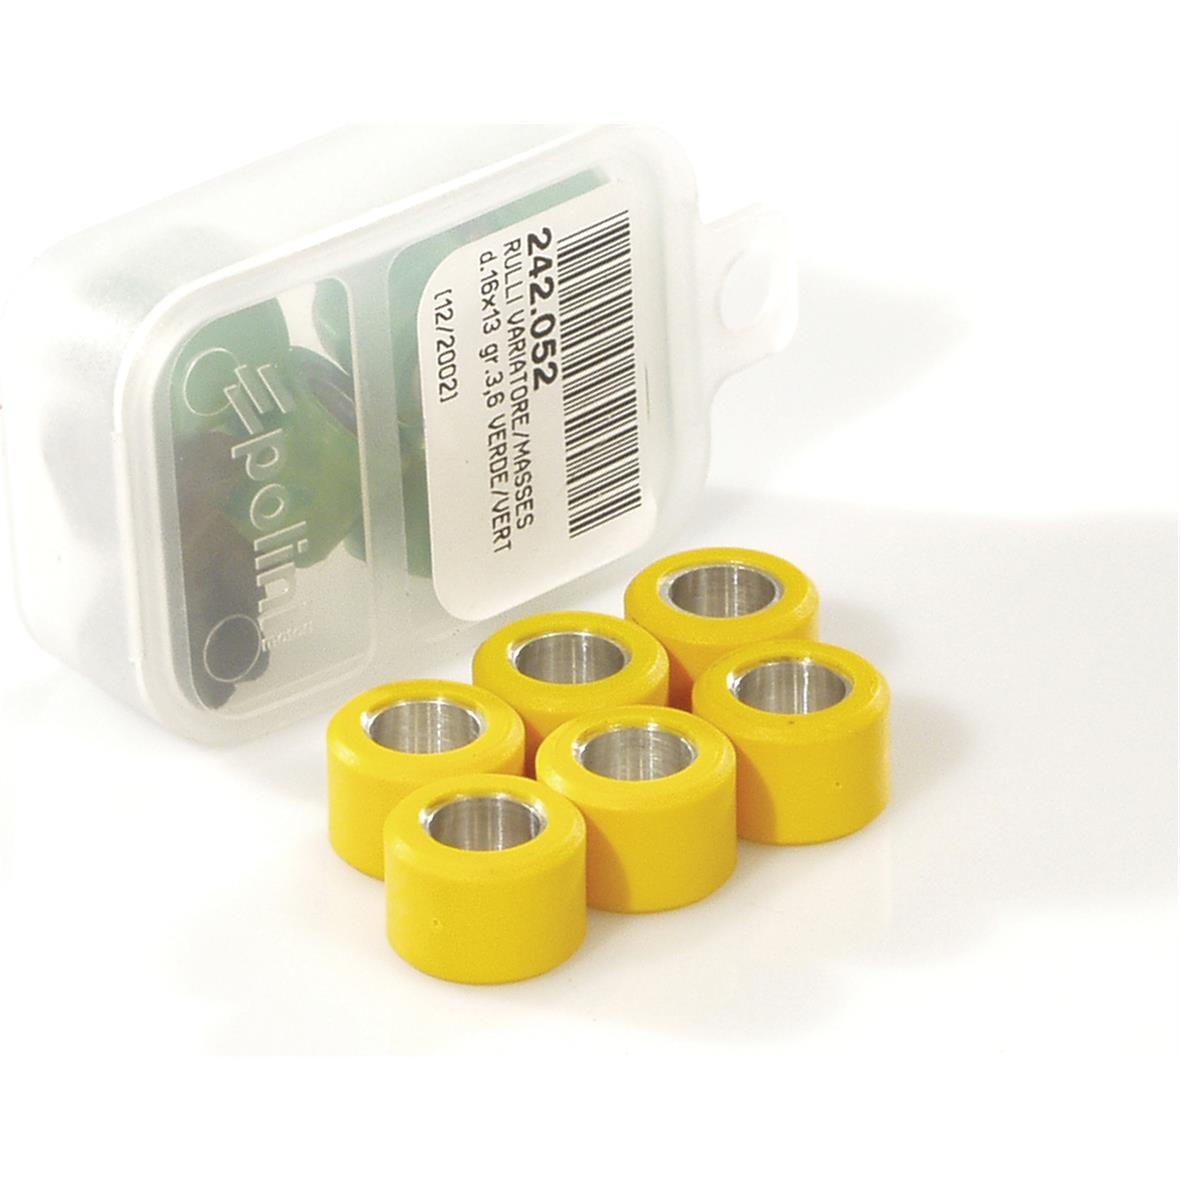 Productafbeelding voor 'Variateur Rollen POLINI 23x18 mm 13 gramTitle'